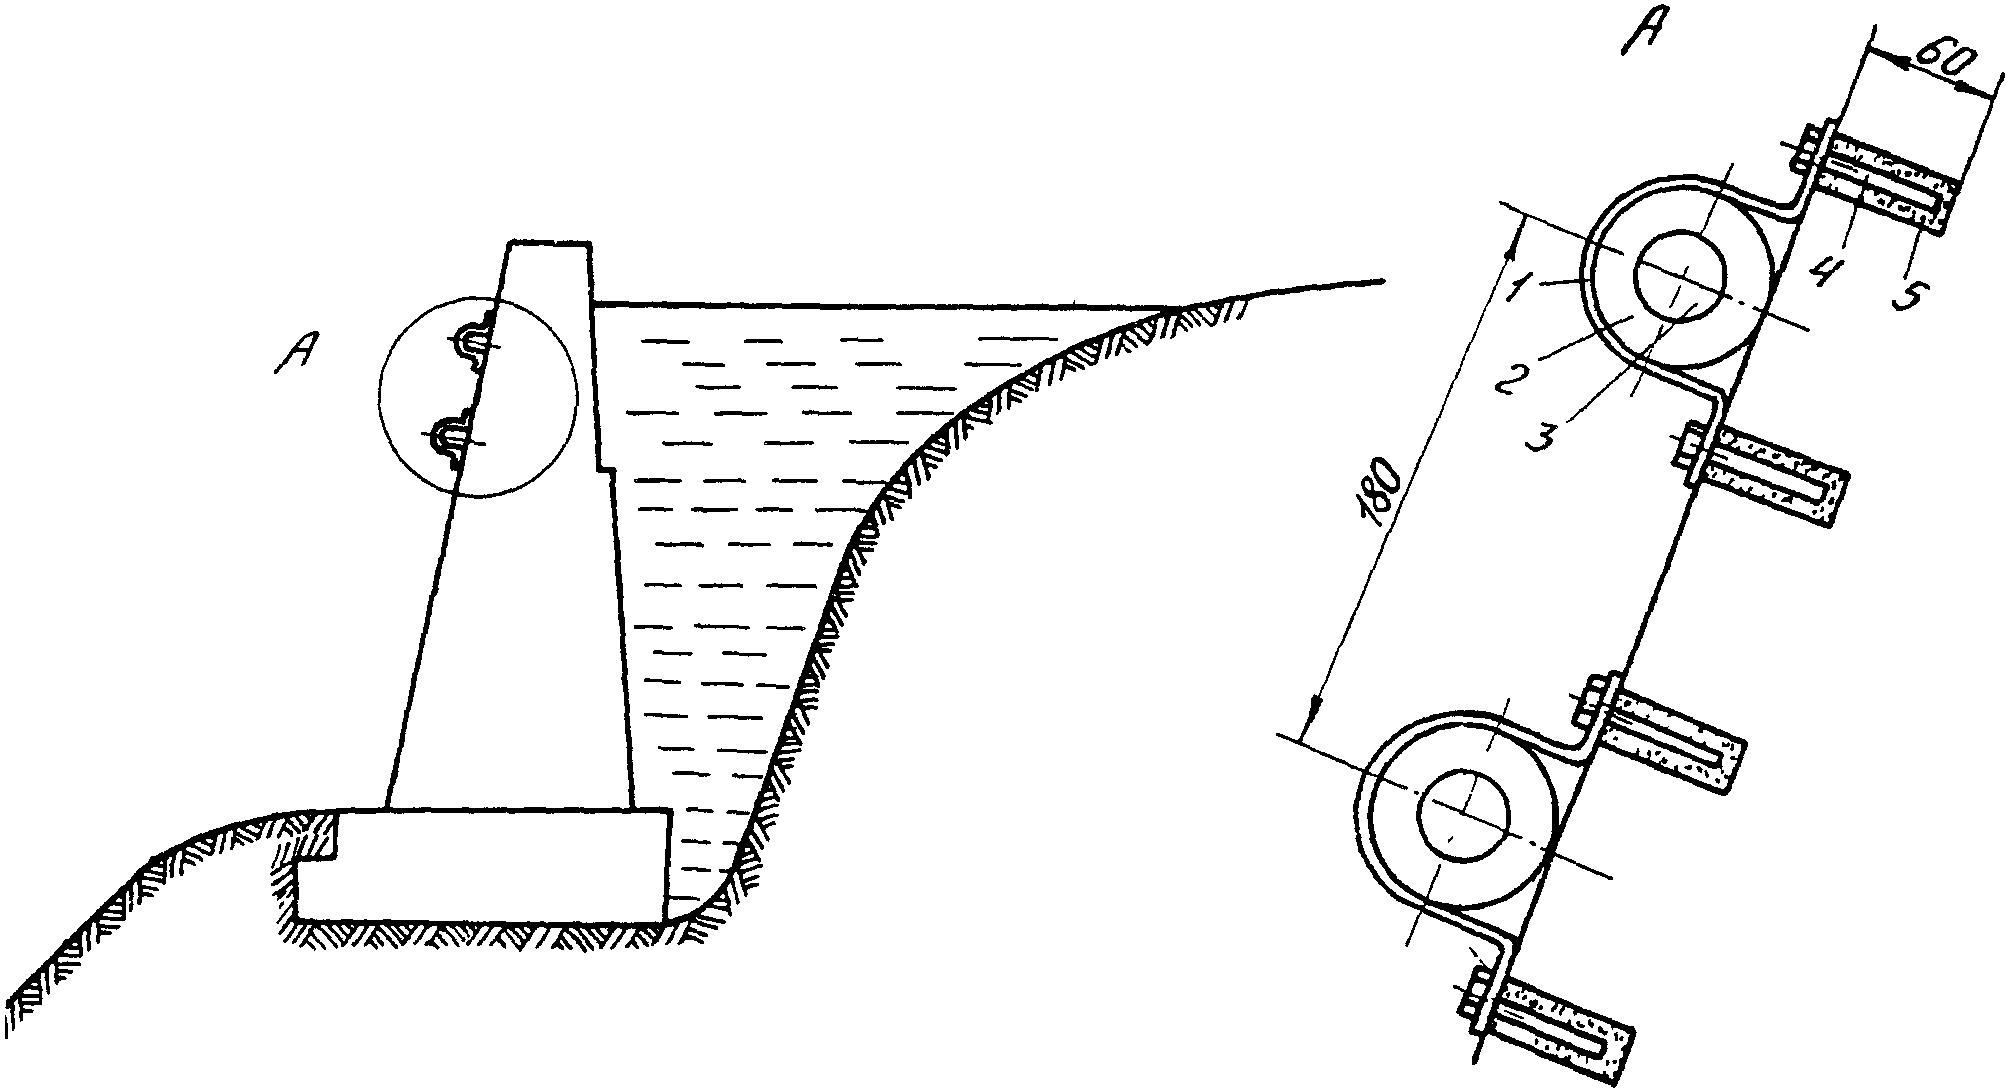 Схема прокладки кабеля по подпорной стене.  1- крепежная скоба, 2 - резиновая втулка; 3 - кабель, 4 -шуруп 4.